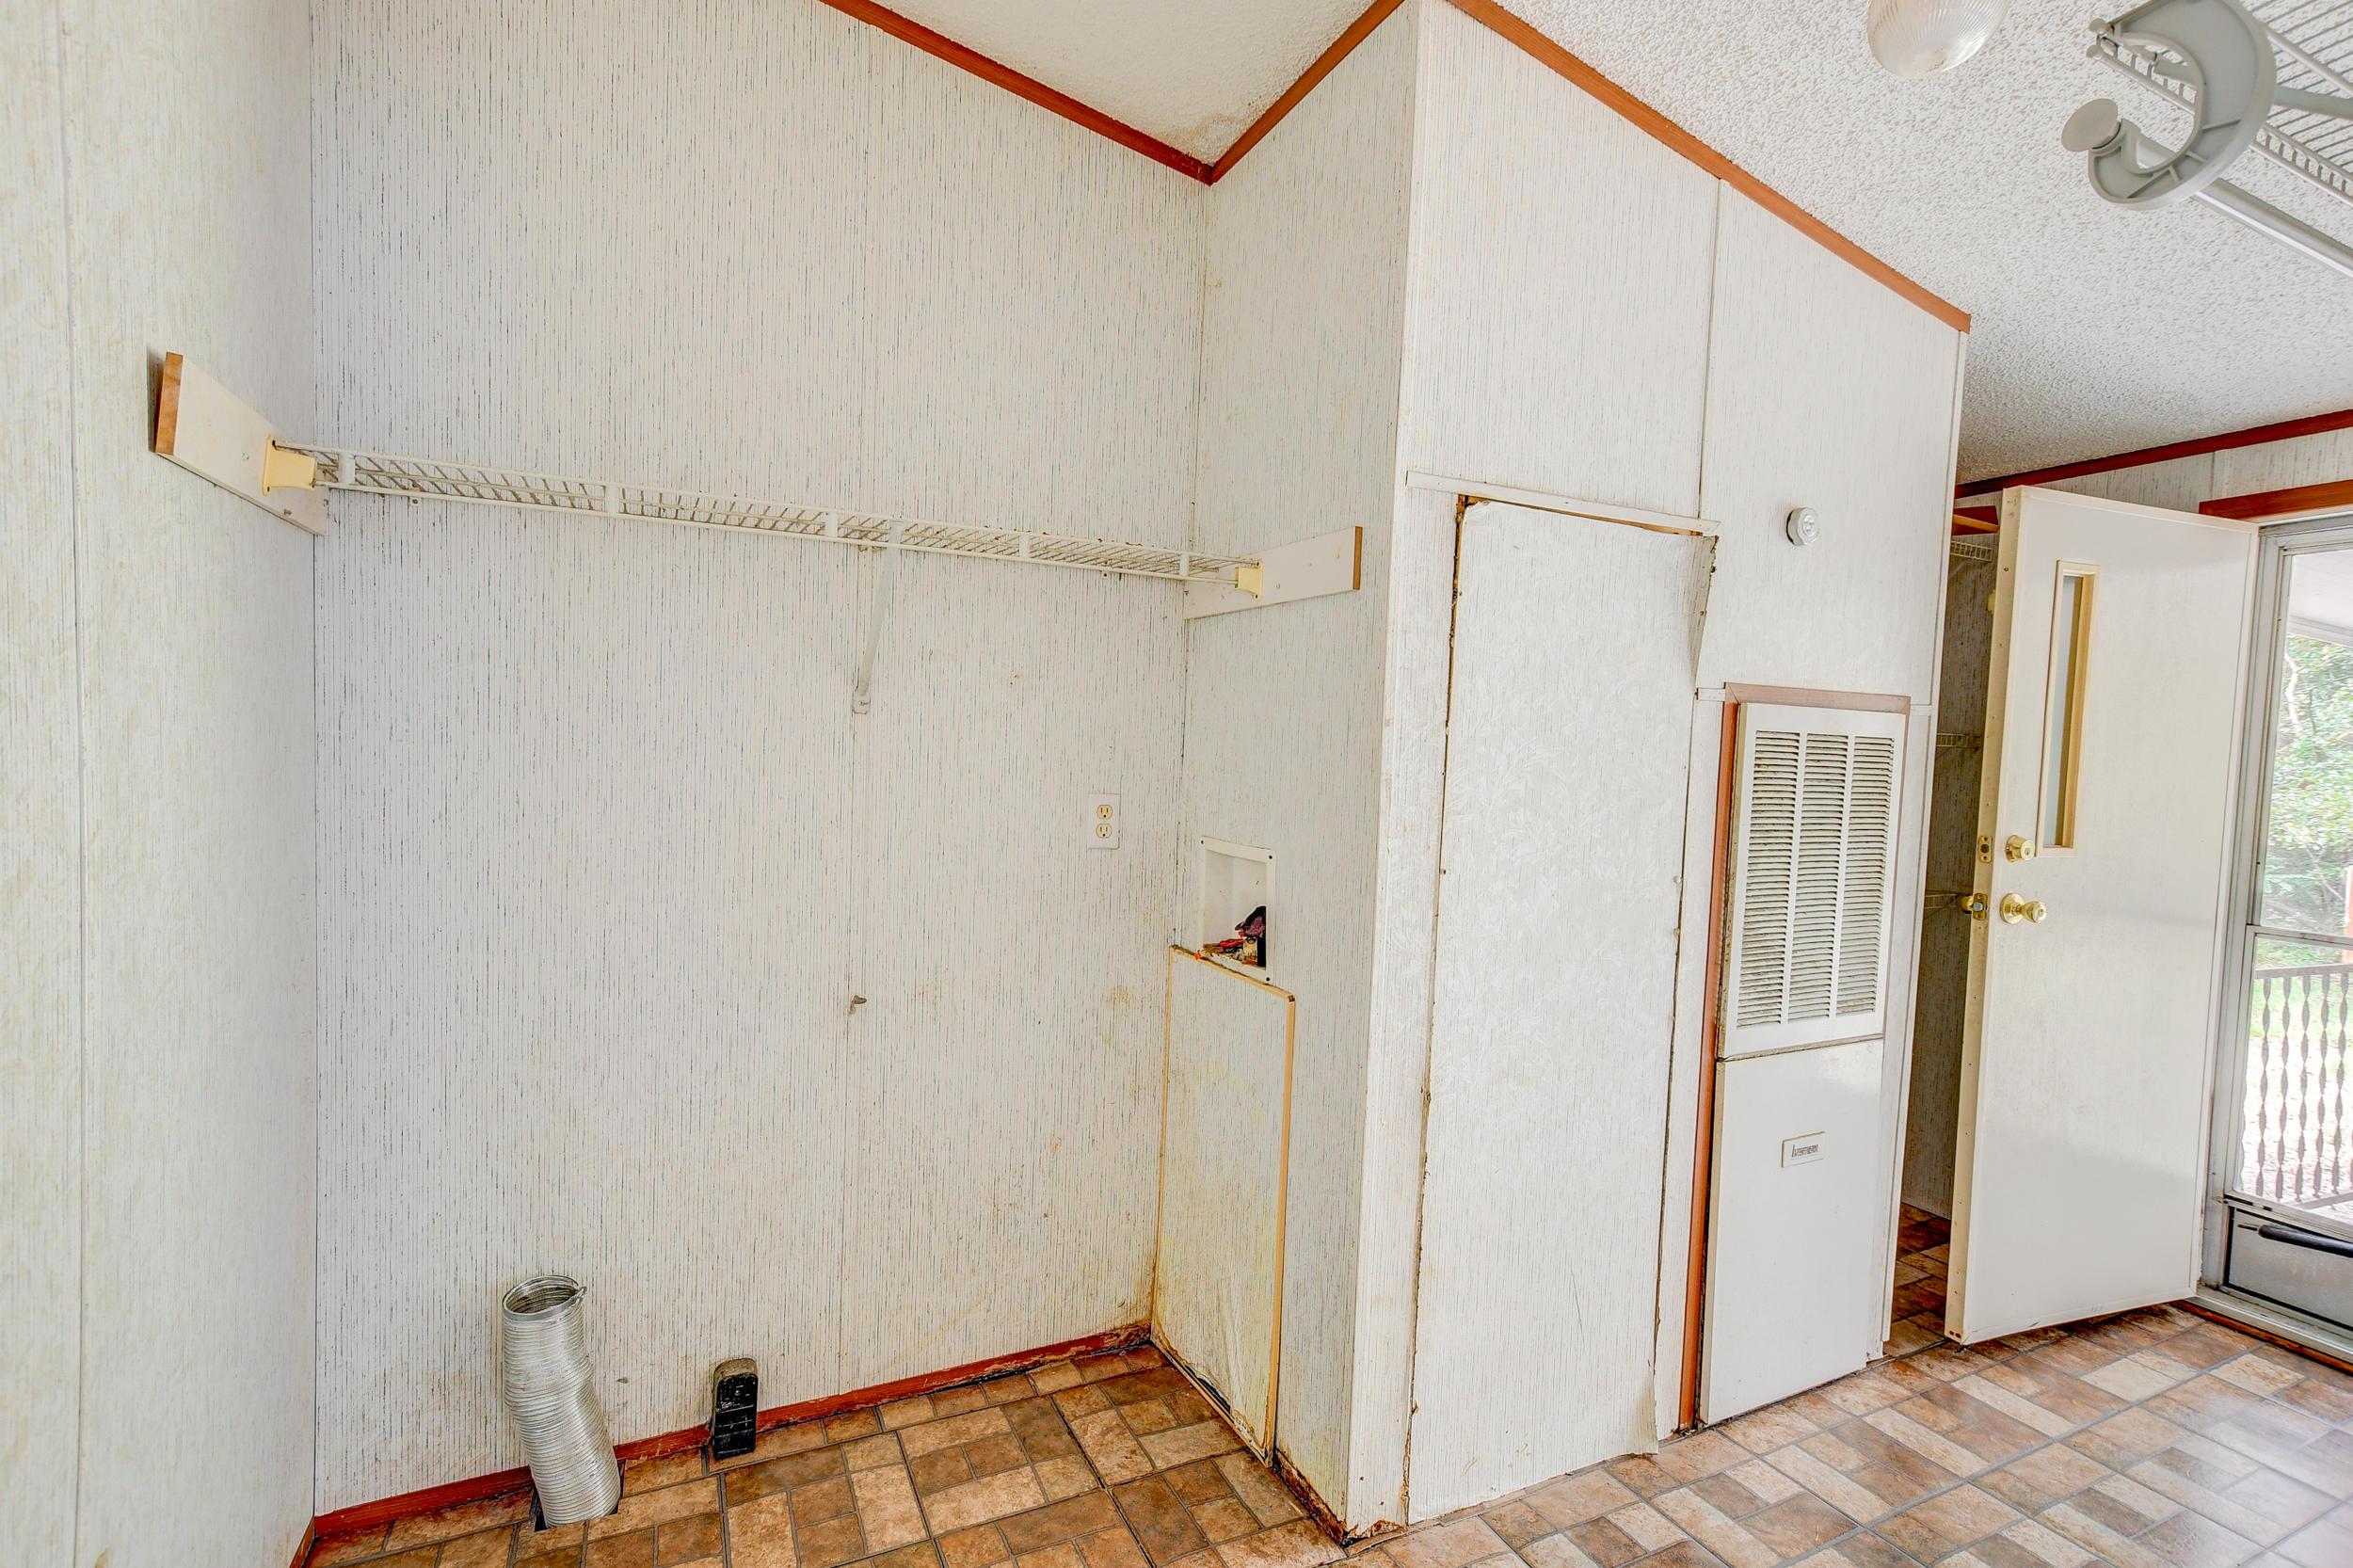 Clemson Terrace Homes For Sale - 123 Colkitt, Summerville, SC - 2